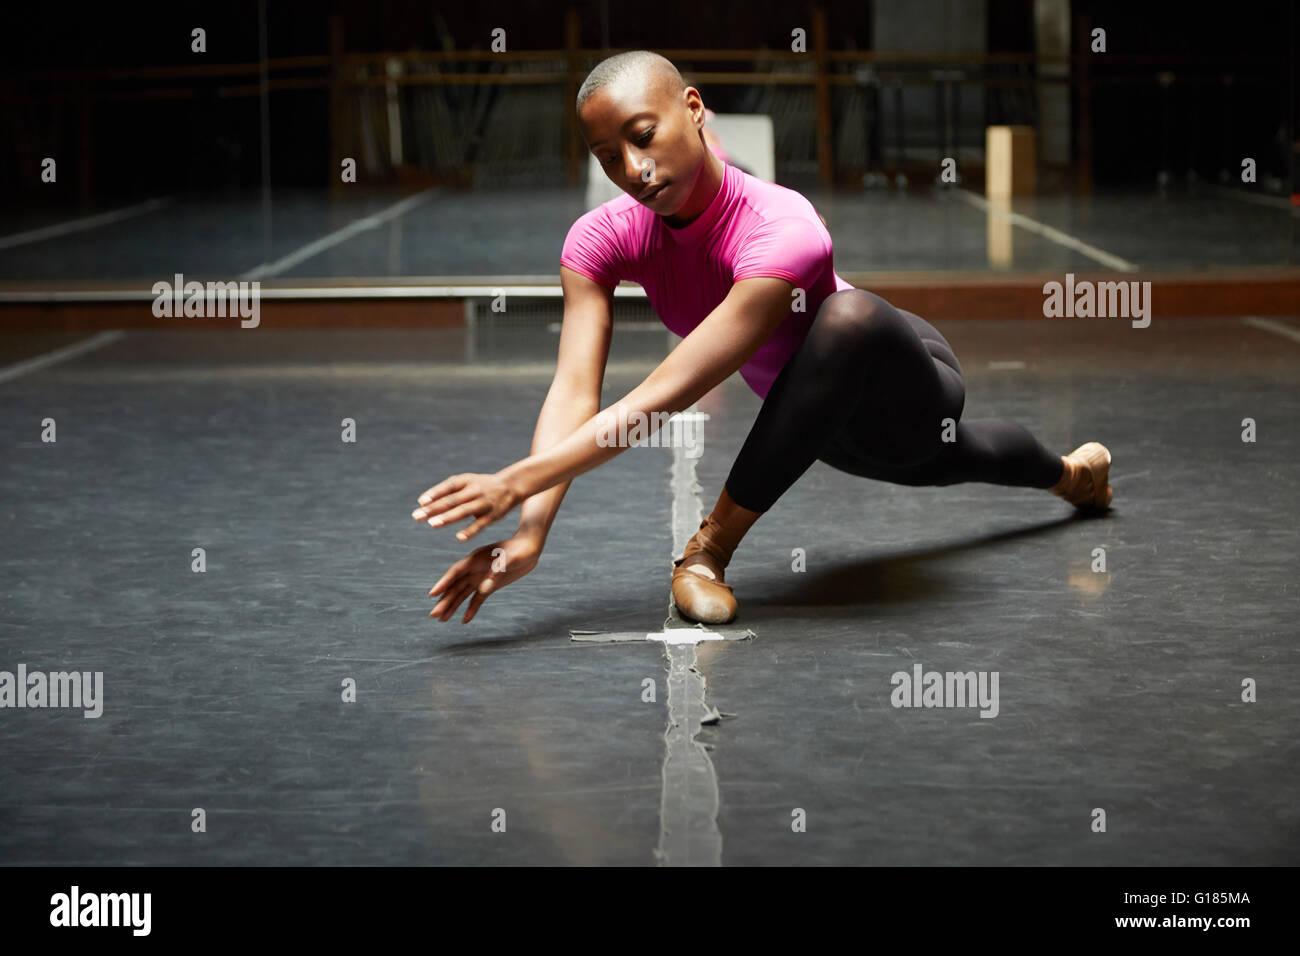 Bailarina de ballet en danza mover Imagen De Stock